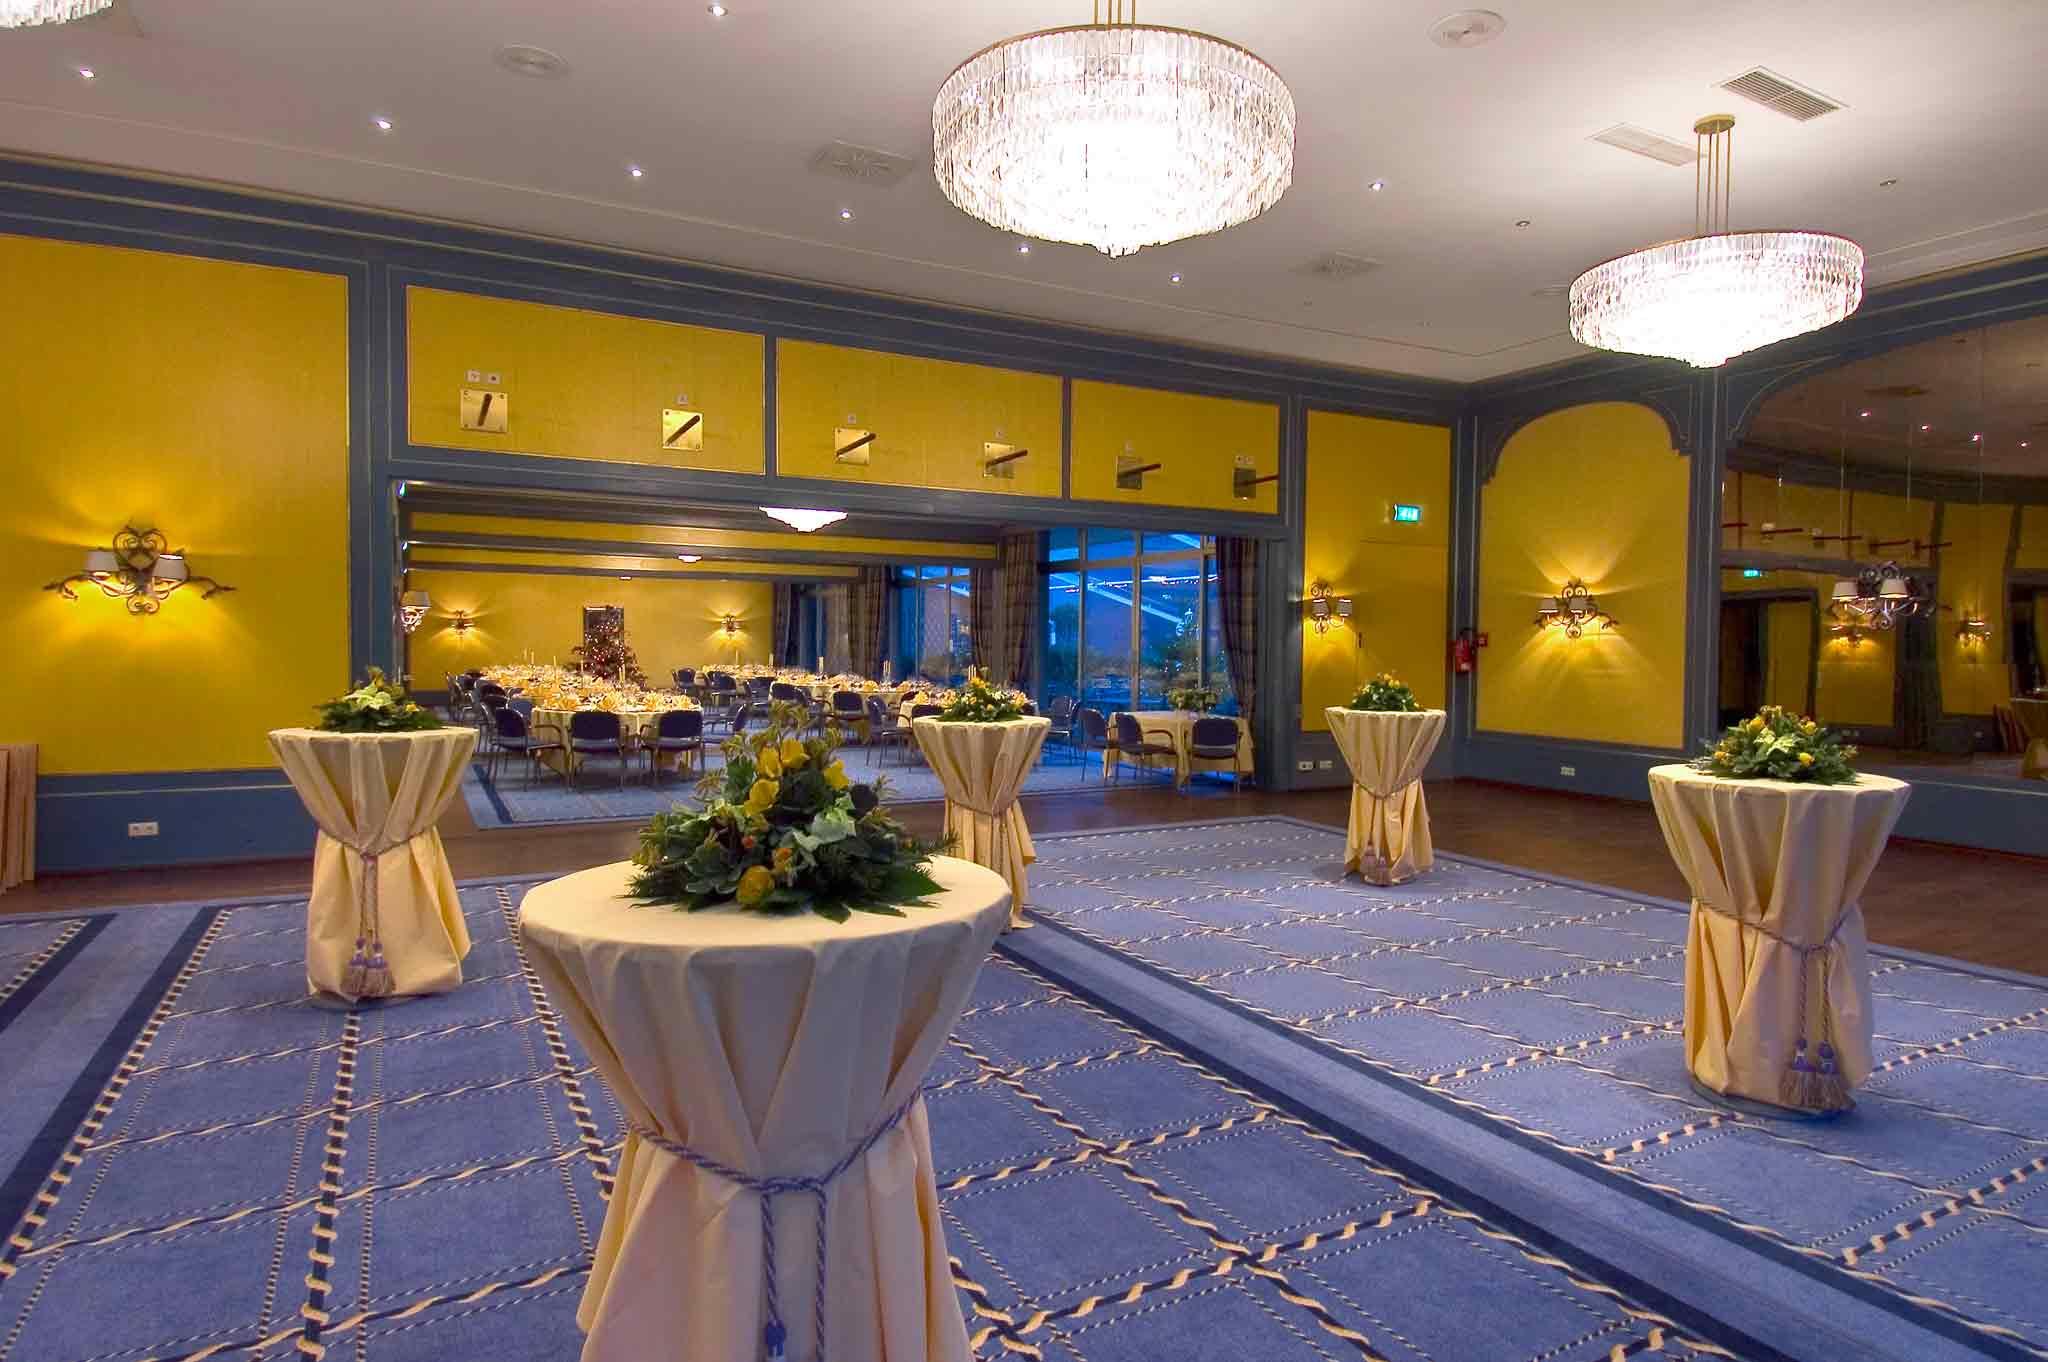 Mercure Parkhotel Krefelder Hof 会议厅